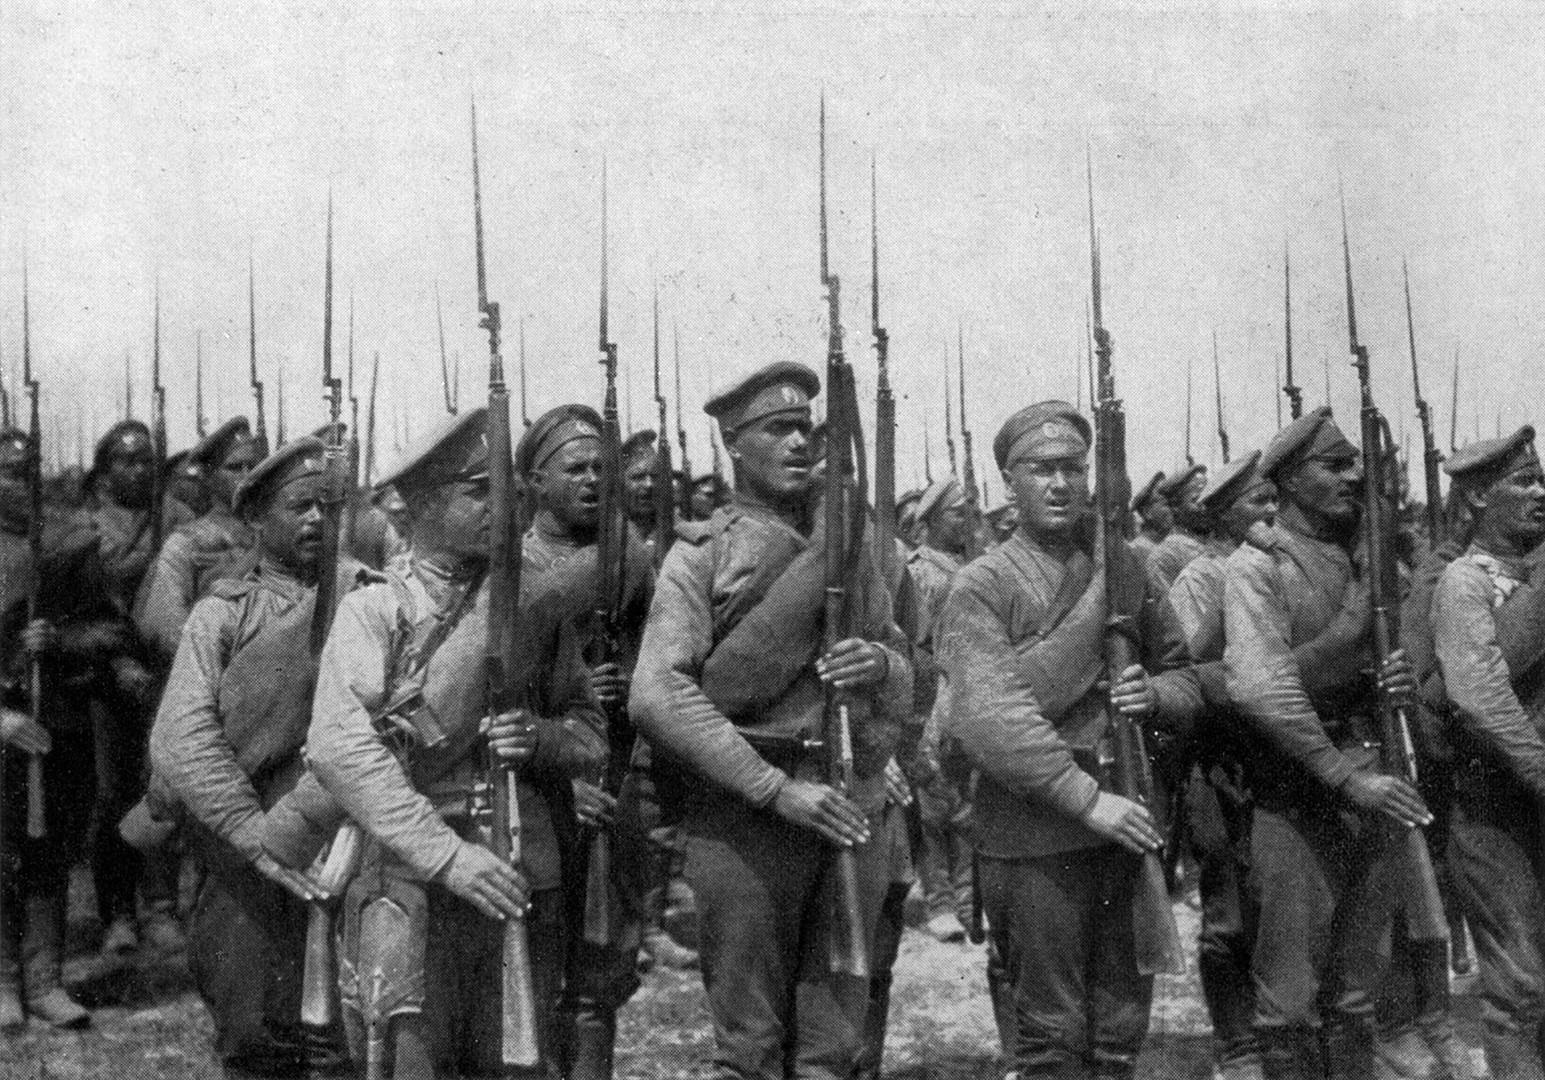 Perang Dunia I adalah tes terberat untuk tentara Rusia karena pertempuran mereka diperburuk pemberontakan orang-orangnya.